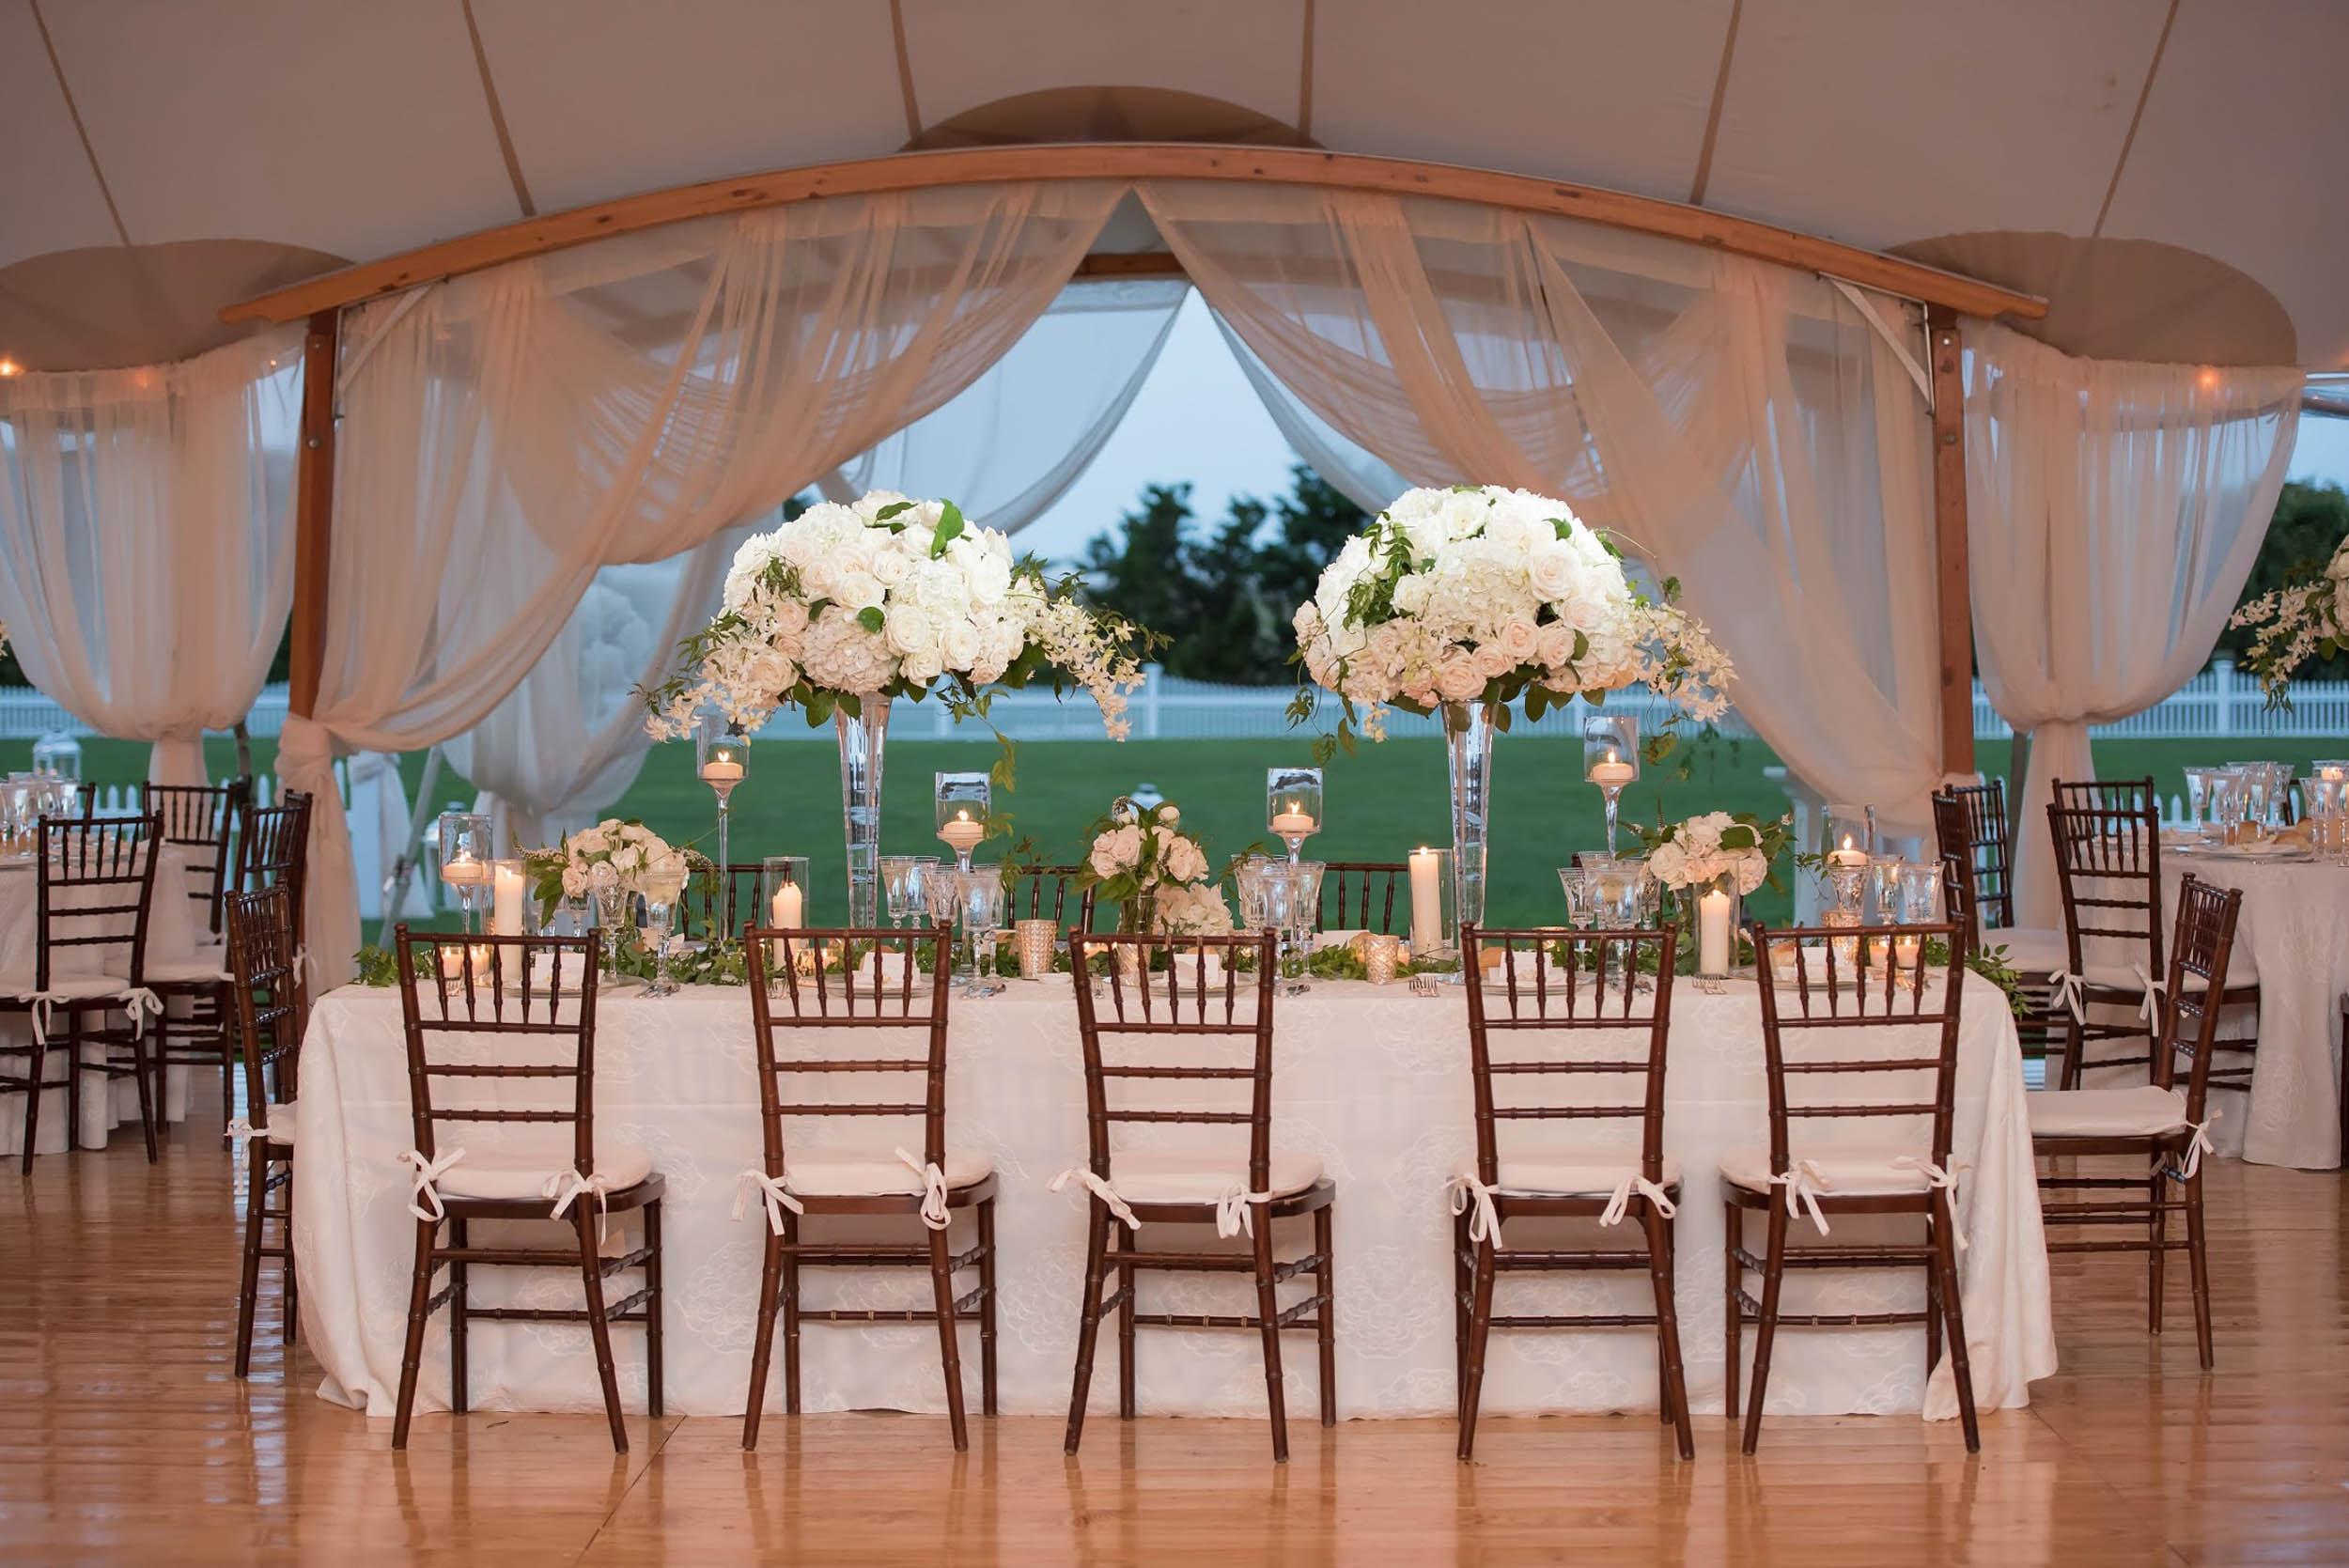 lilacs-florals-wedding-florist-tents-hires-090.jpg